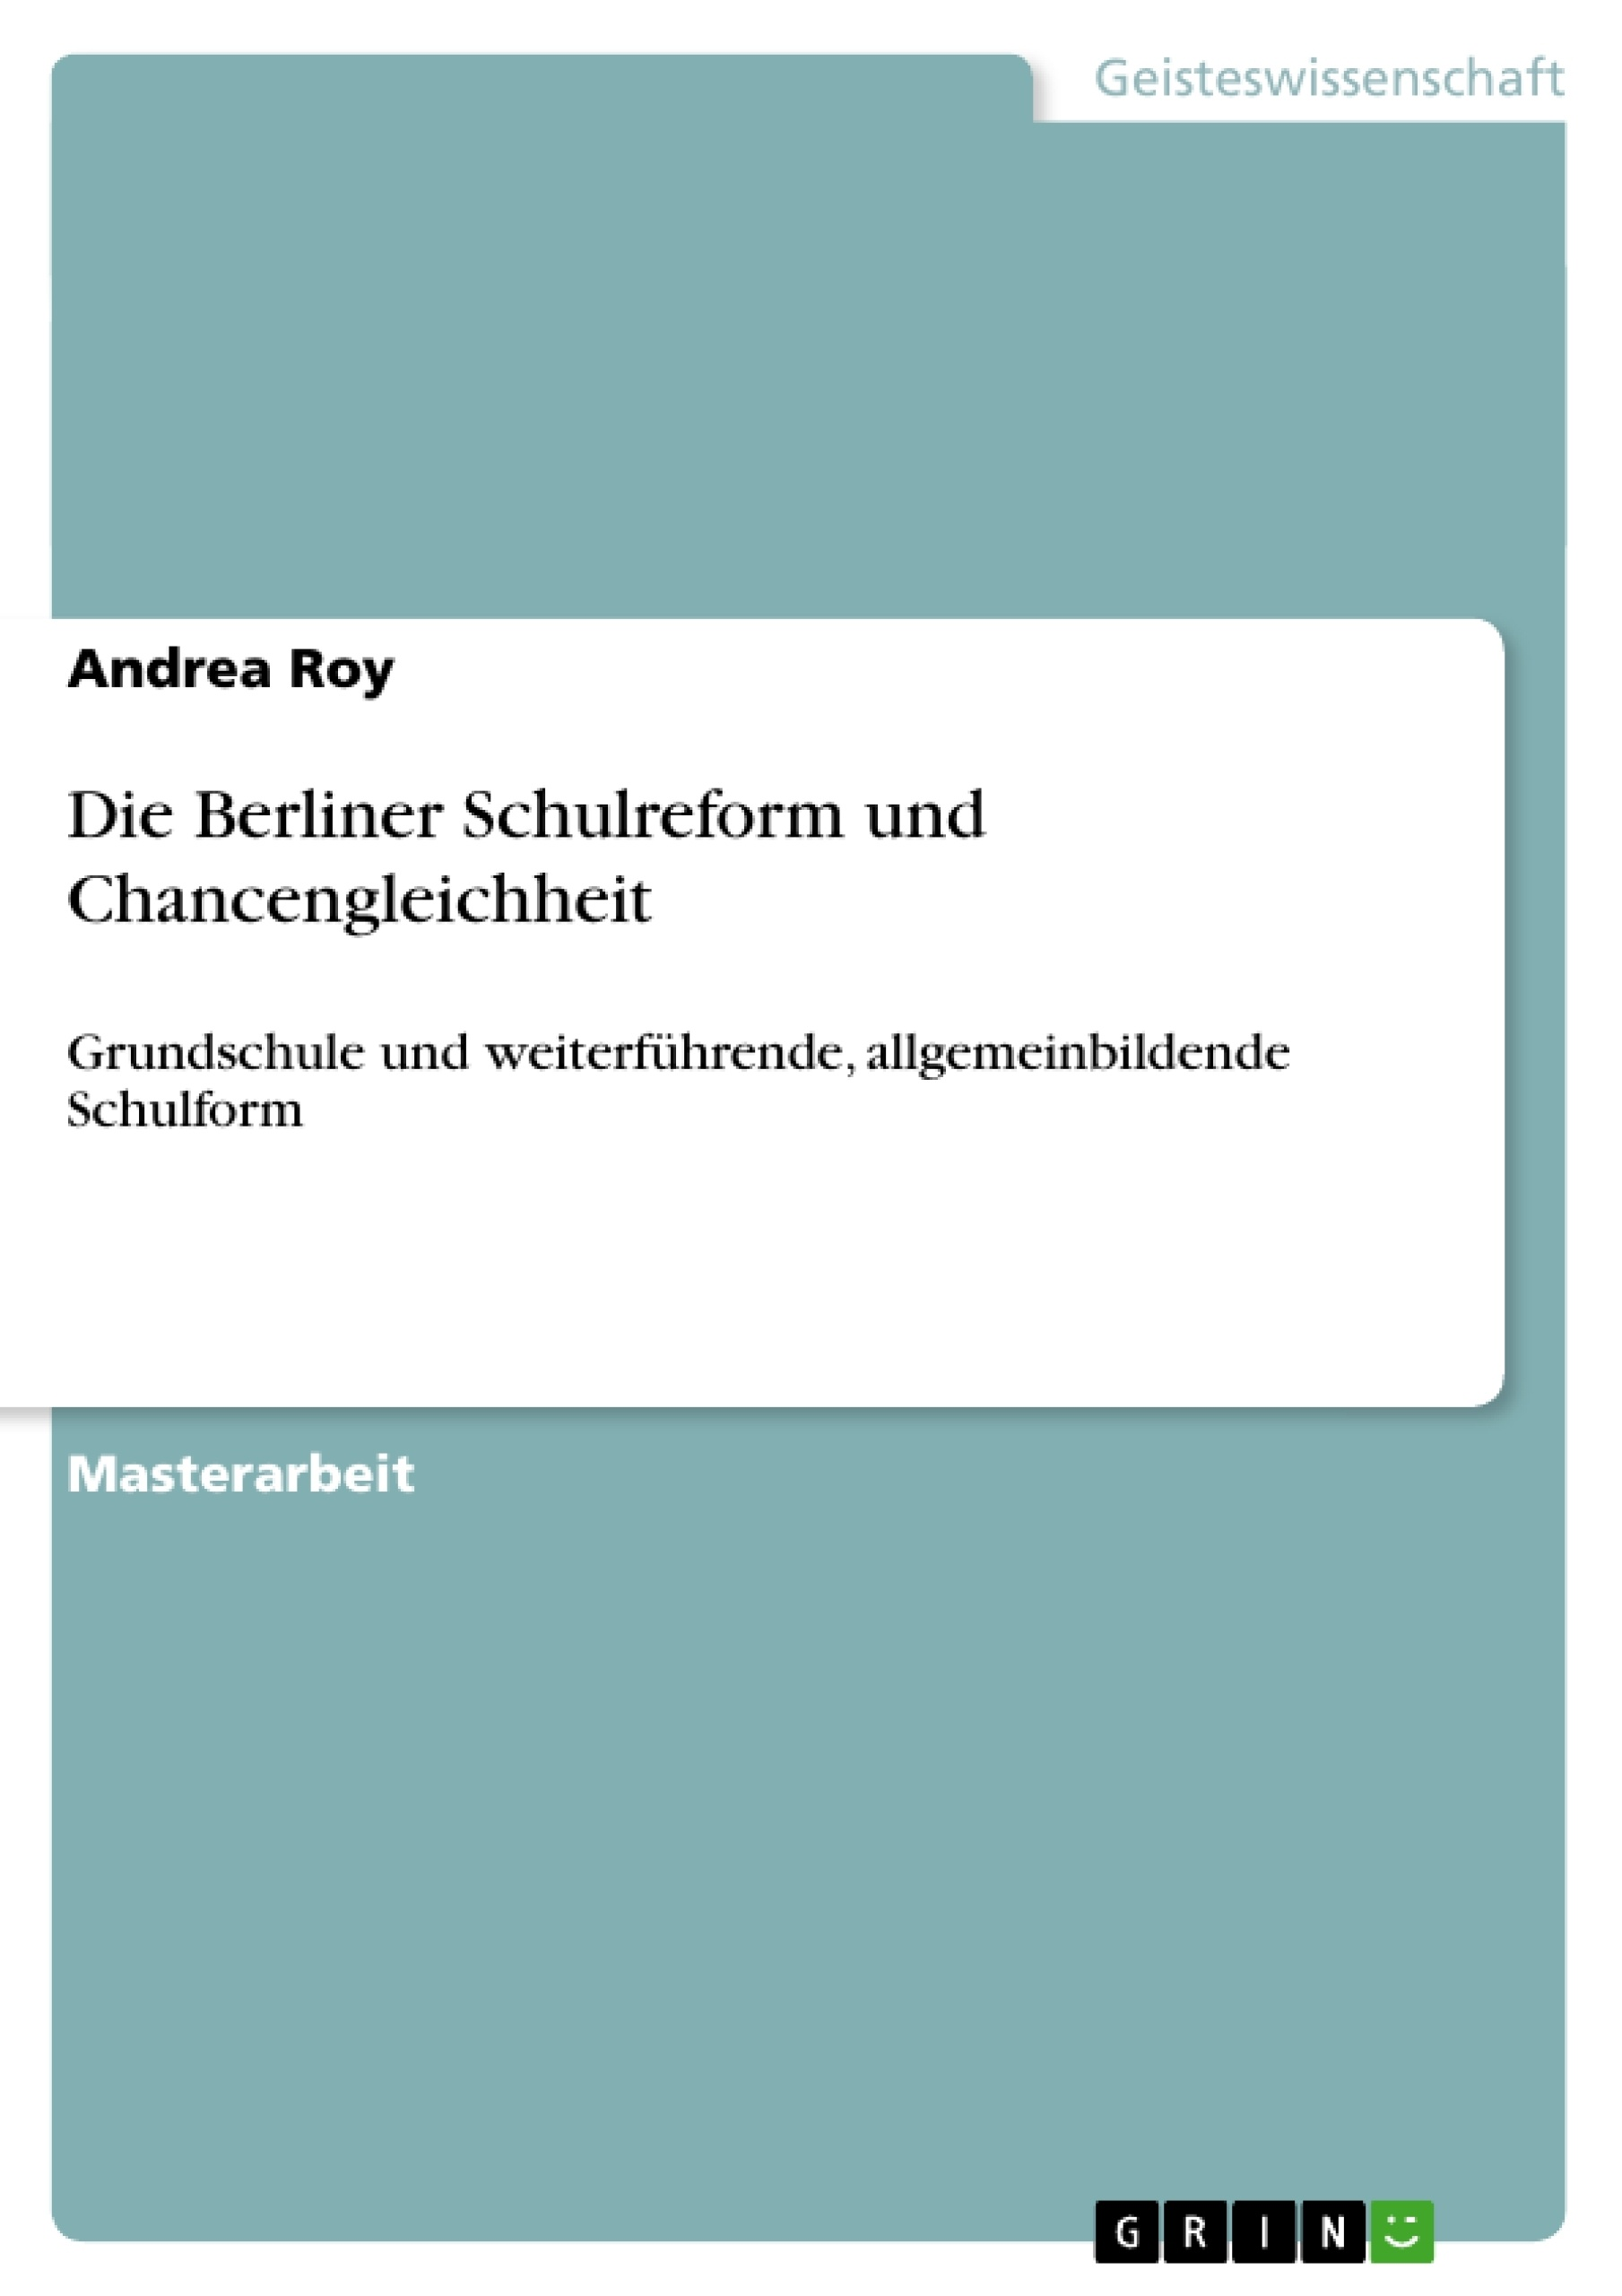 Titel: Die Berliner Schulreform und Chancengleichheit